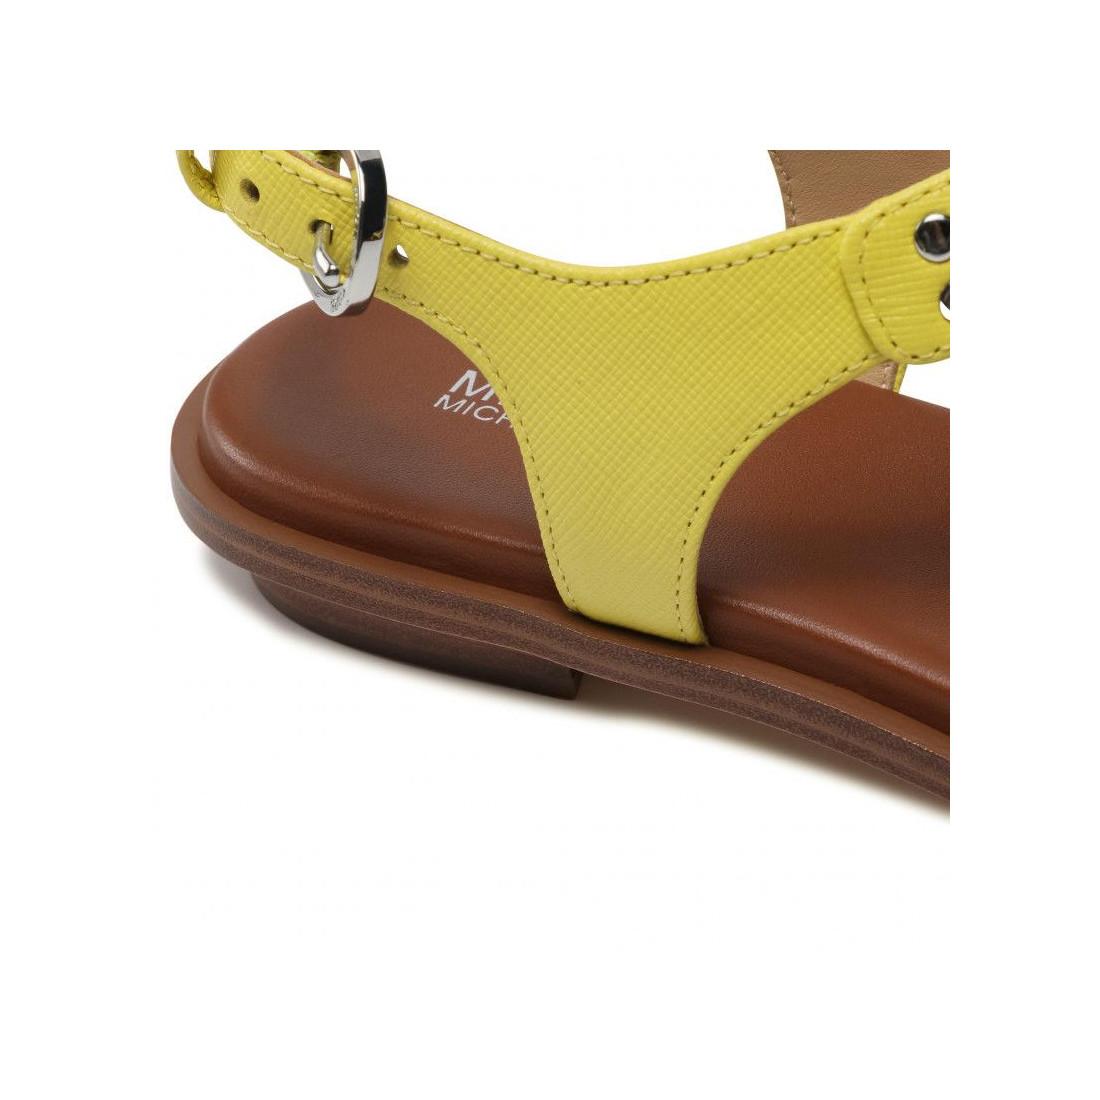 sandals woman michael kors 40u2mkfa1l763 8606